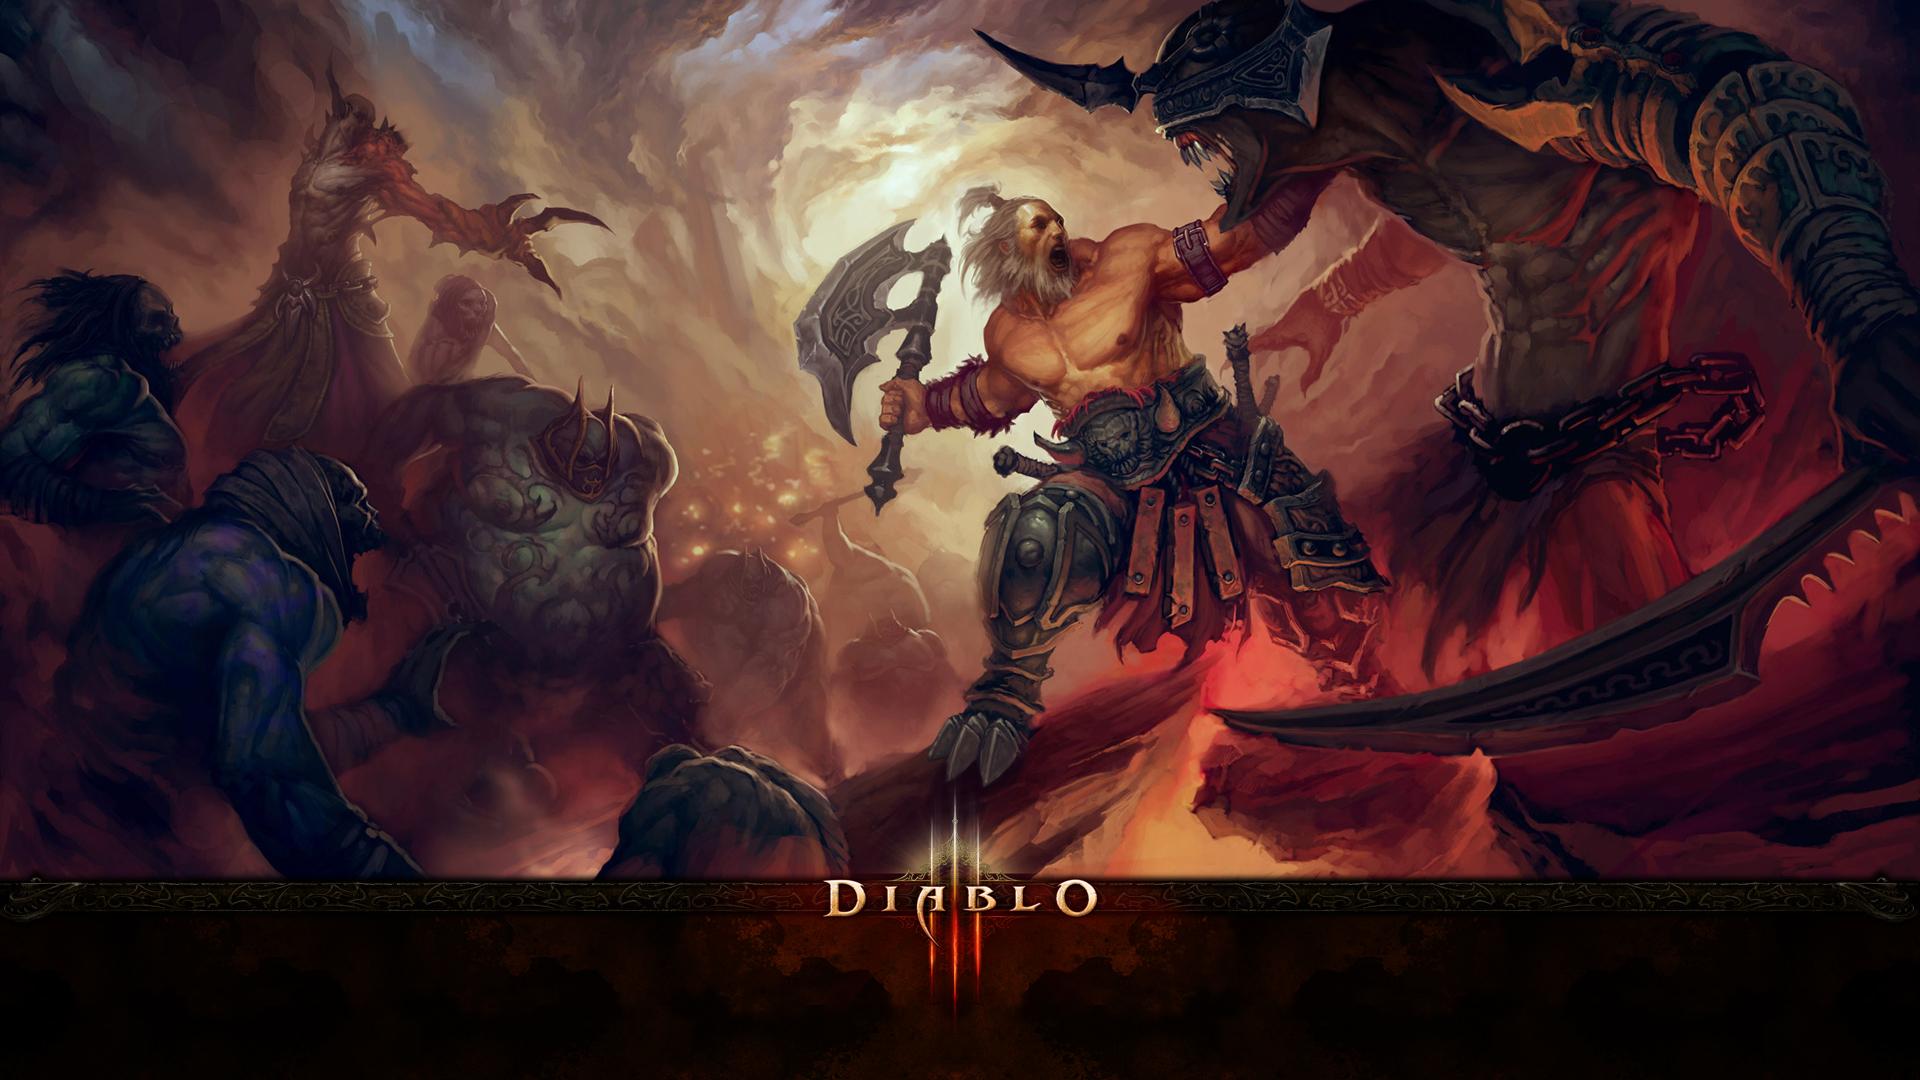 Diablo III Wallpapers in HD Page 2 1920x1080